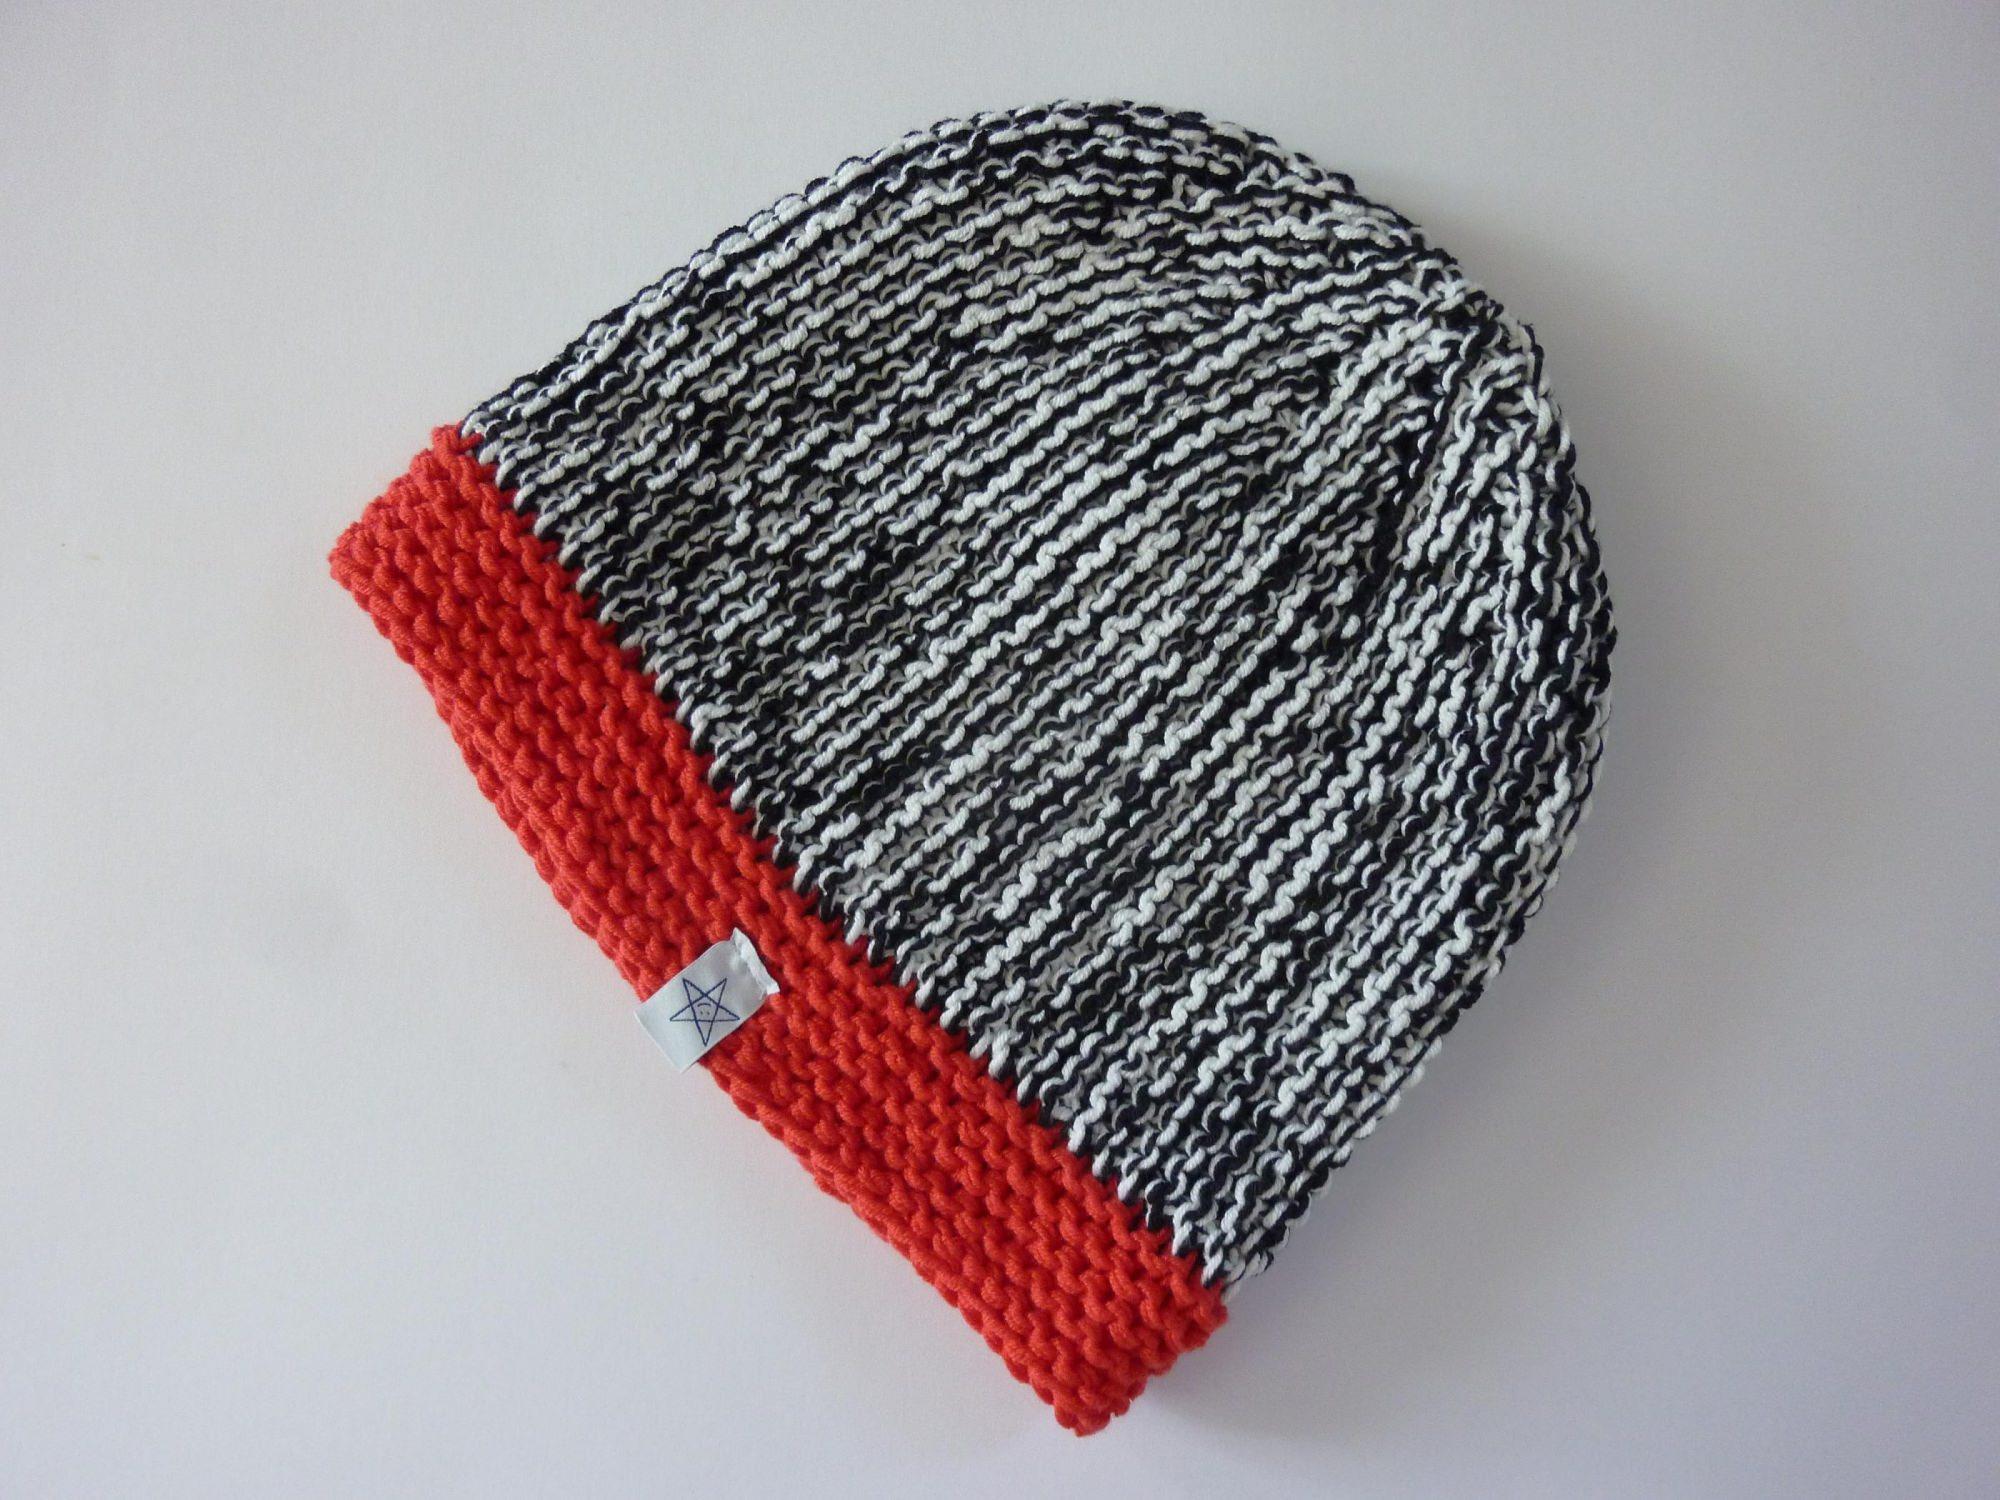 Kleinesbild - Strickmütze Schwarz Weiß Rot aus Baumwolle handgestrickt